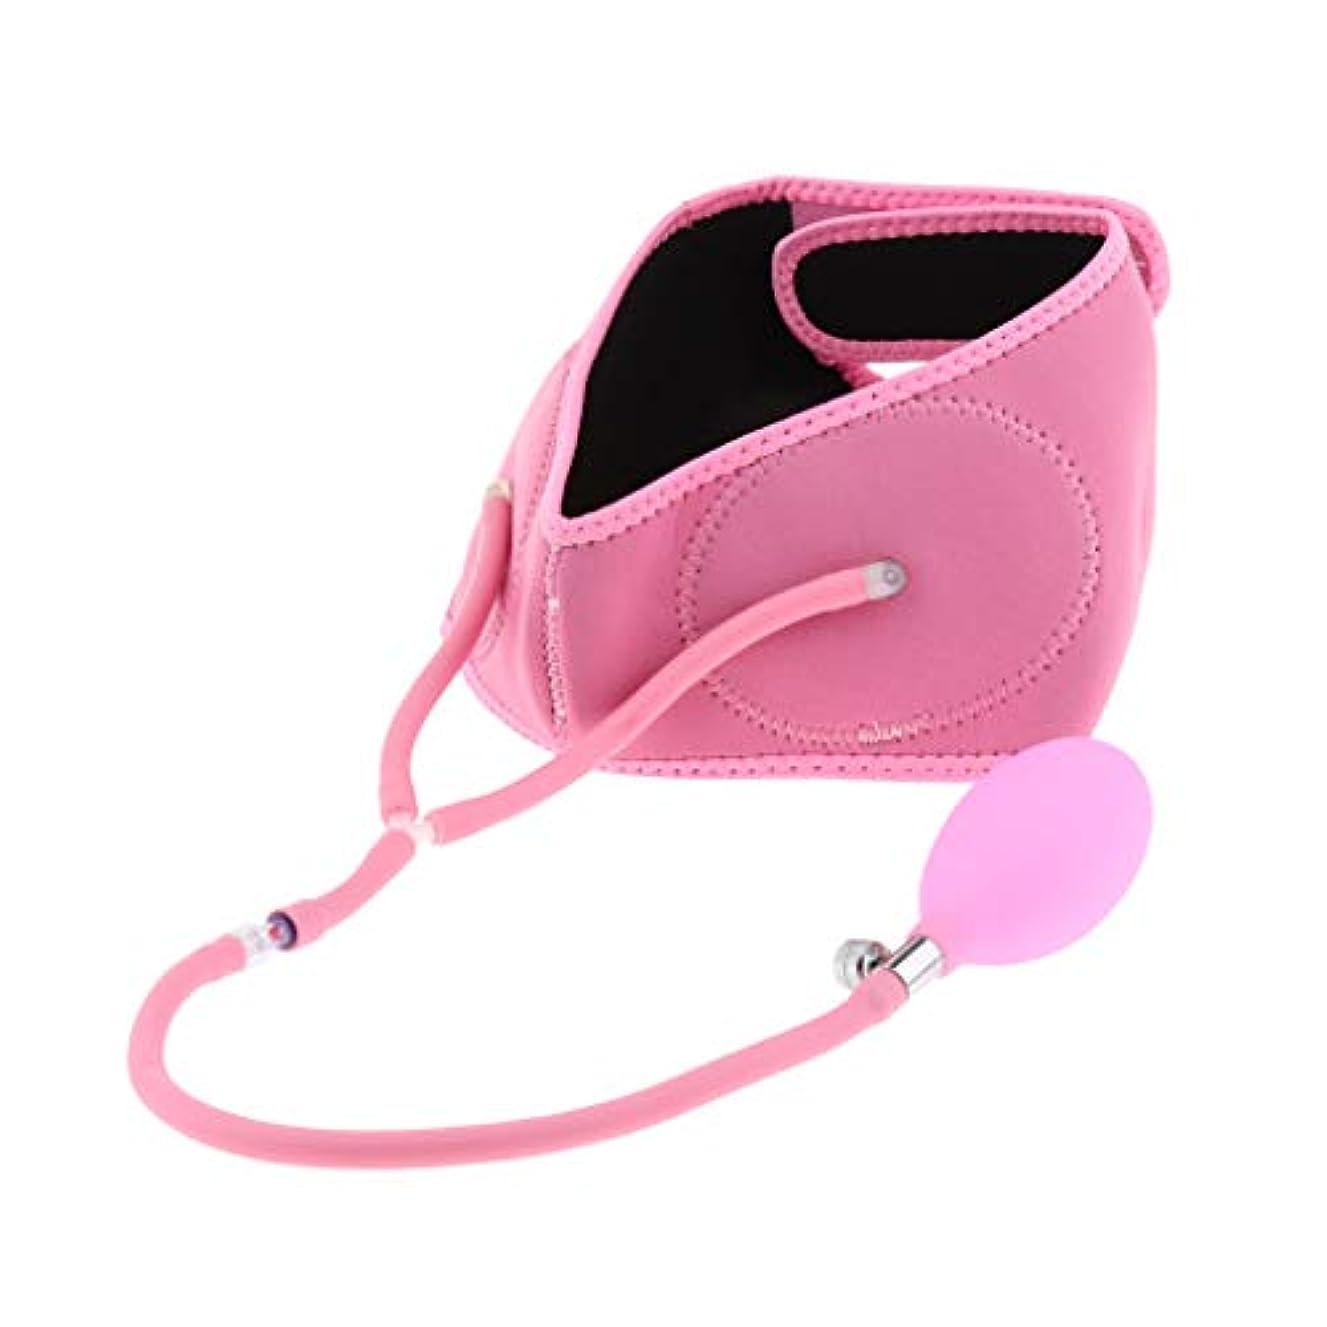 穴かんたん安全なリフトアップベルト フェイスベルト 小顔 美顔 矯正 顔痩せ 膨脹可能 伸縮性 通気性 全3色 - ピンク